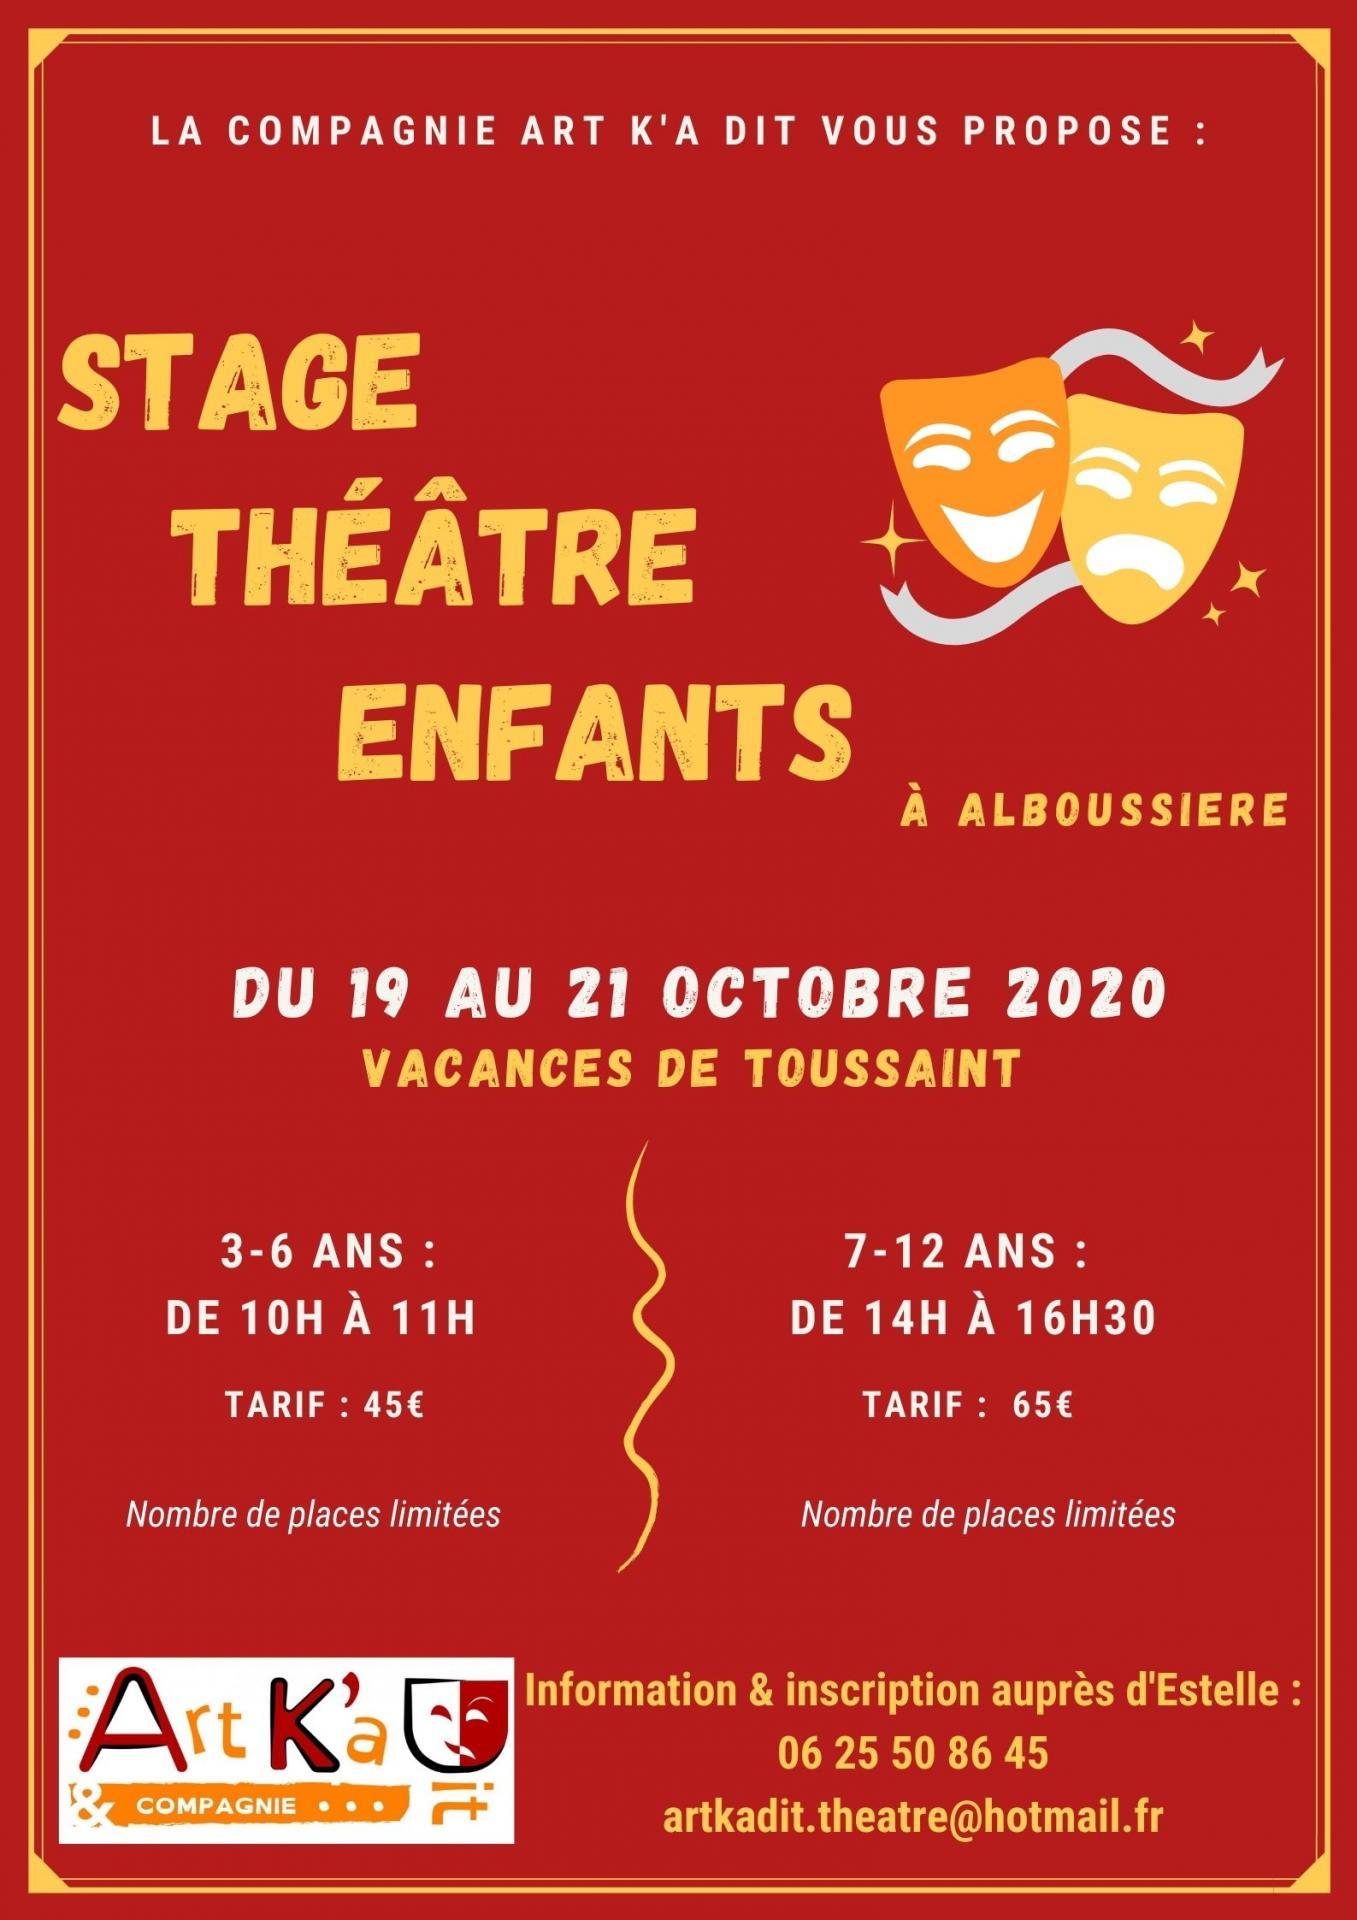 Stages theatre vacances toussaint 2020